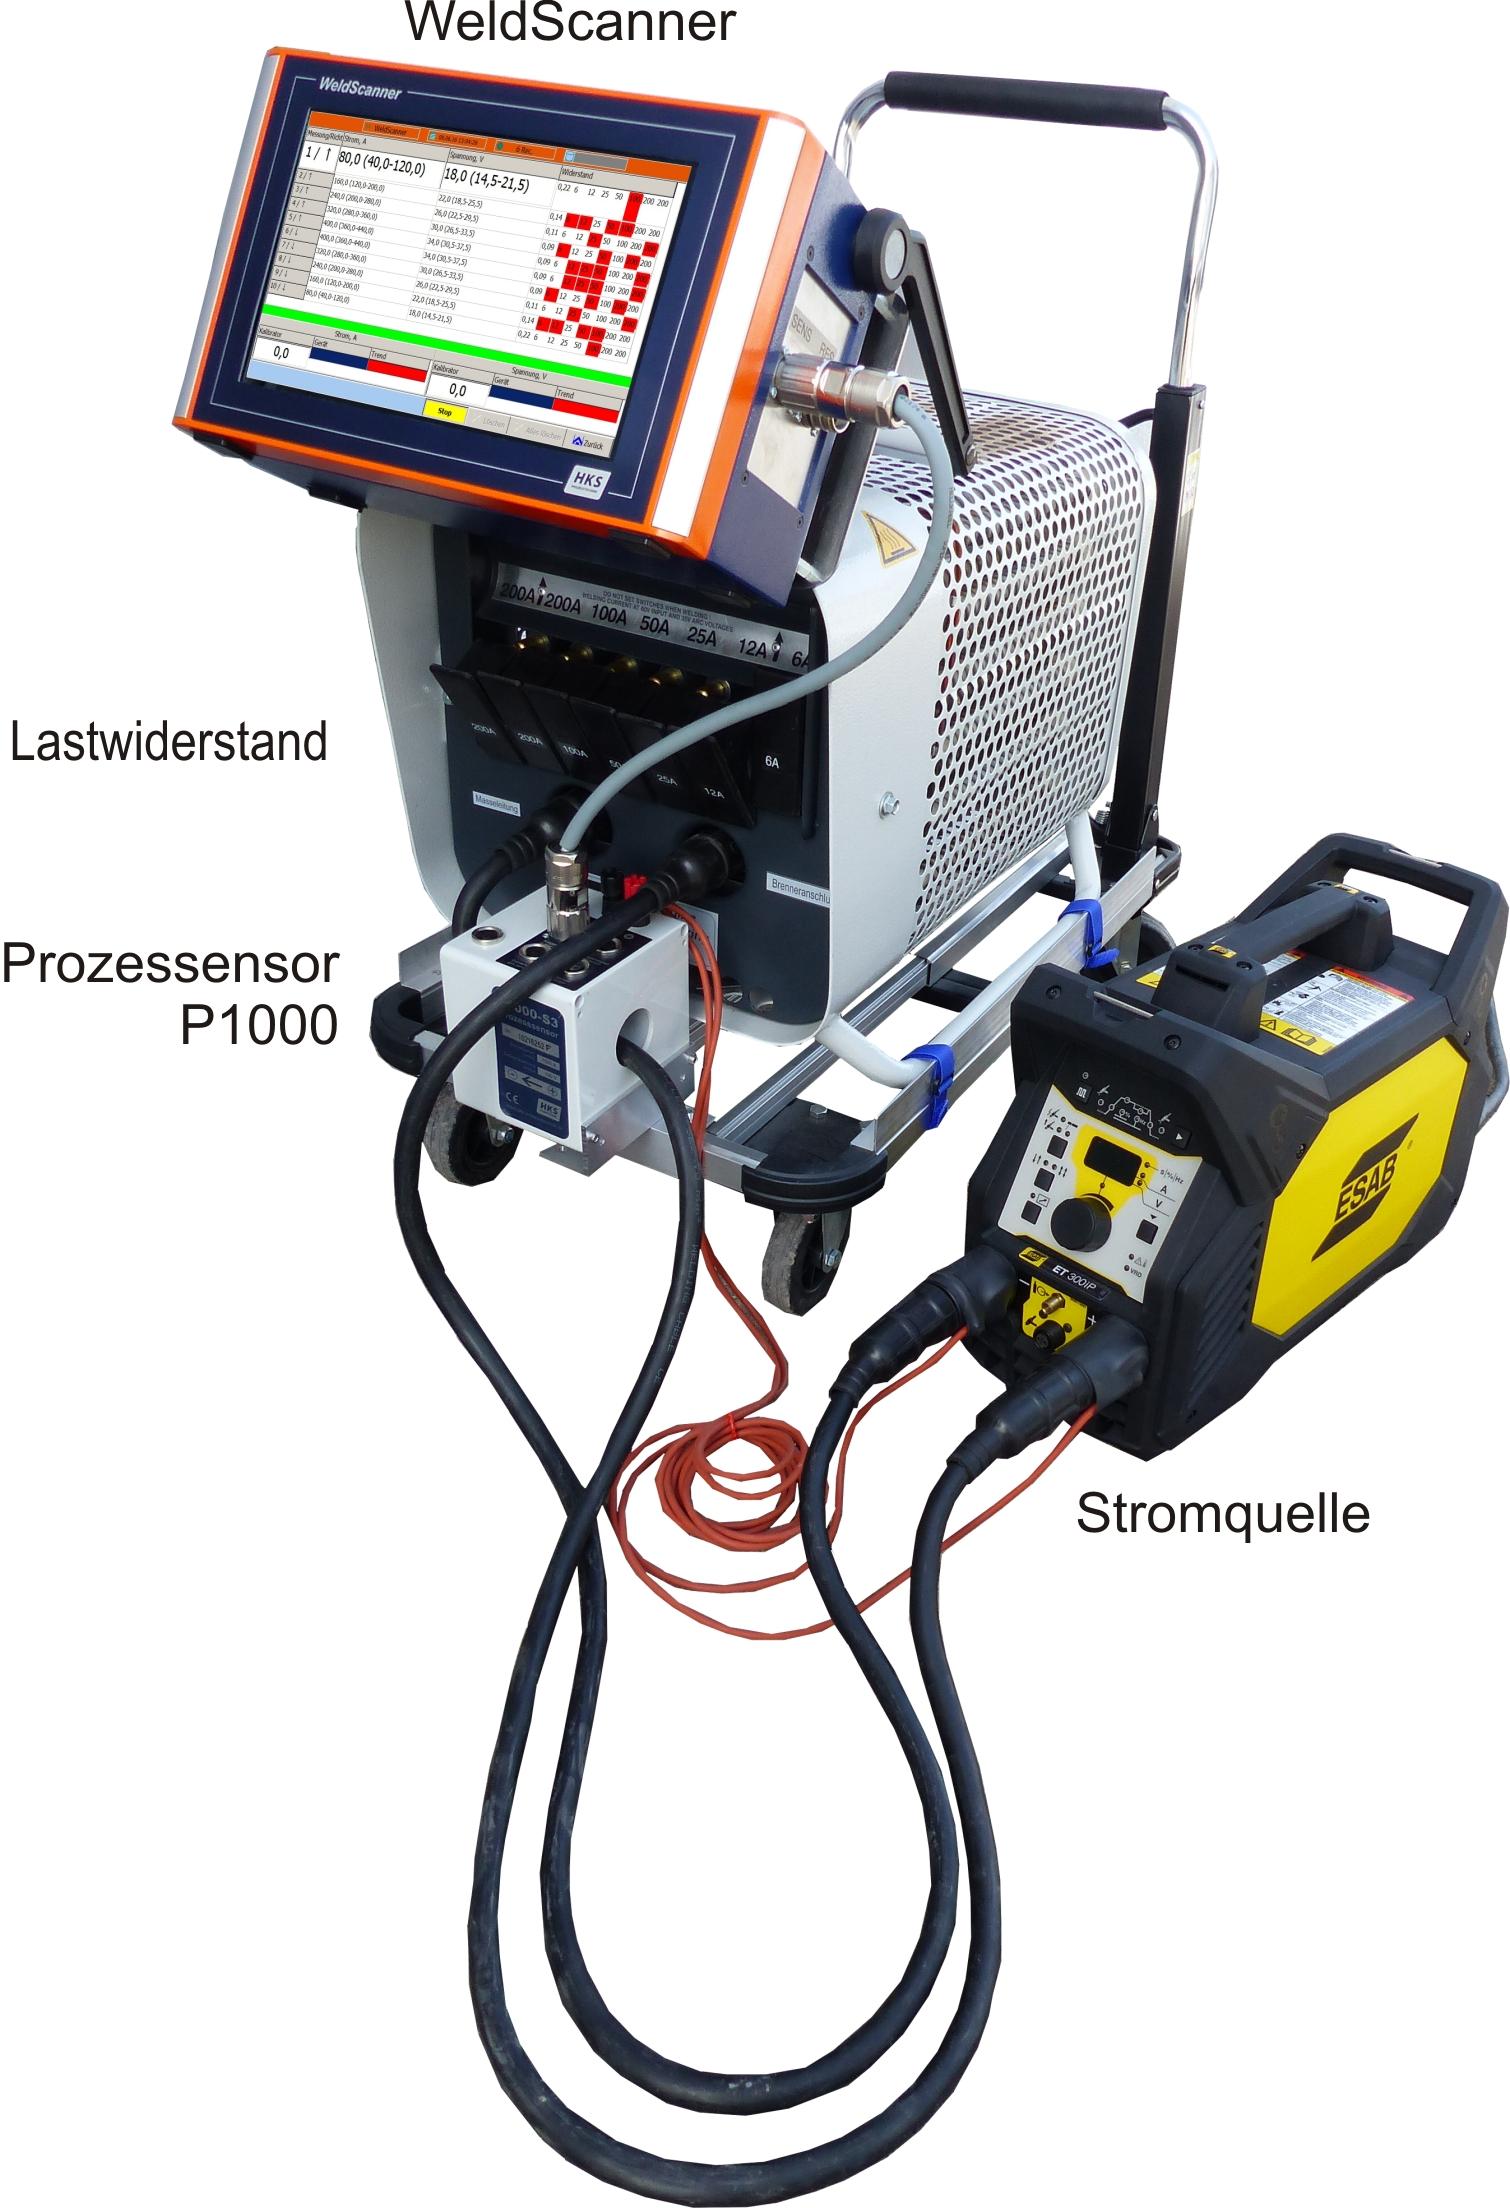 HKS WeldScanner Kalibrierschein